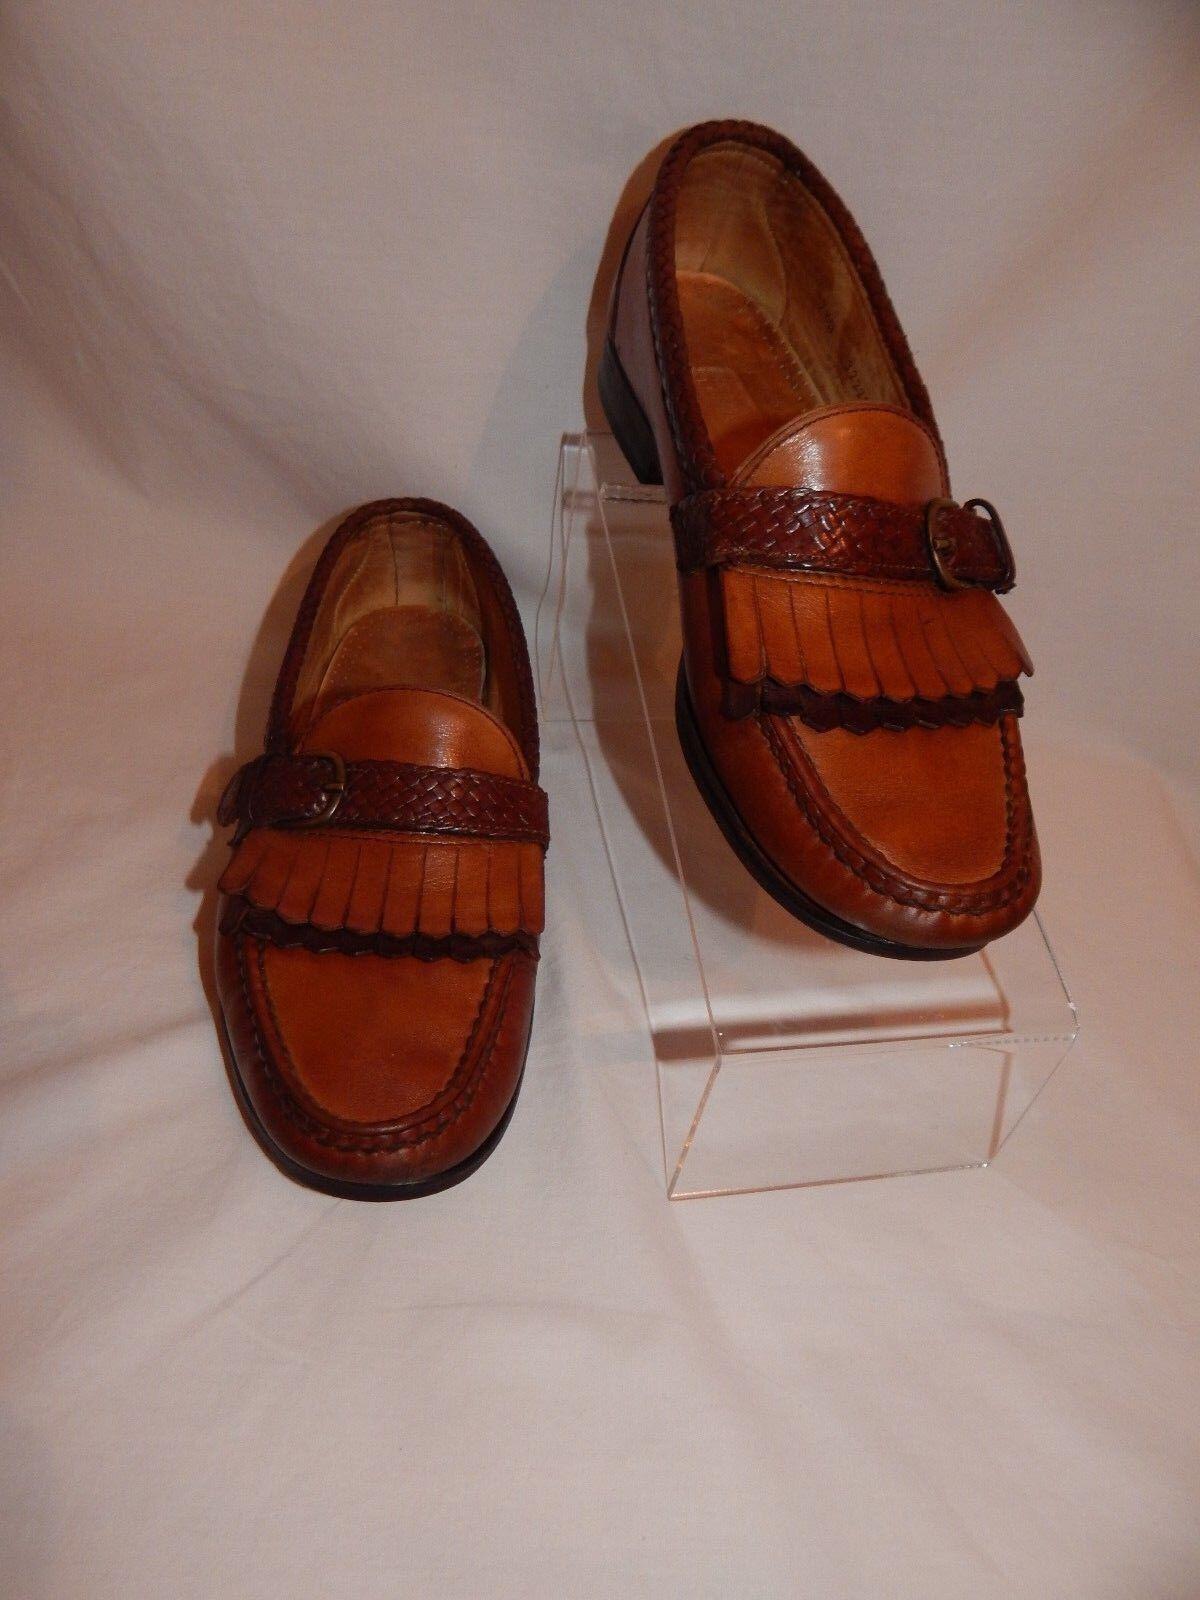 ALLEN EDMONDS Monterey  Tan Brown Loafers Casual Men's shoes Size 7.5 D